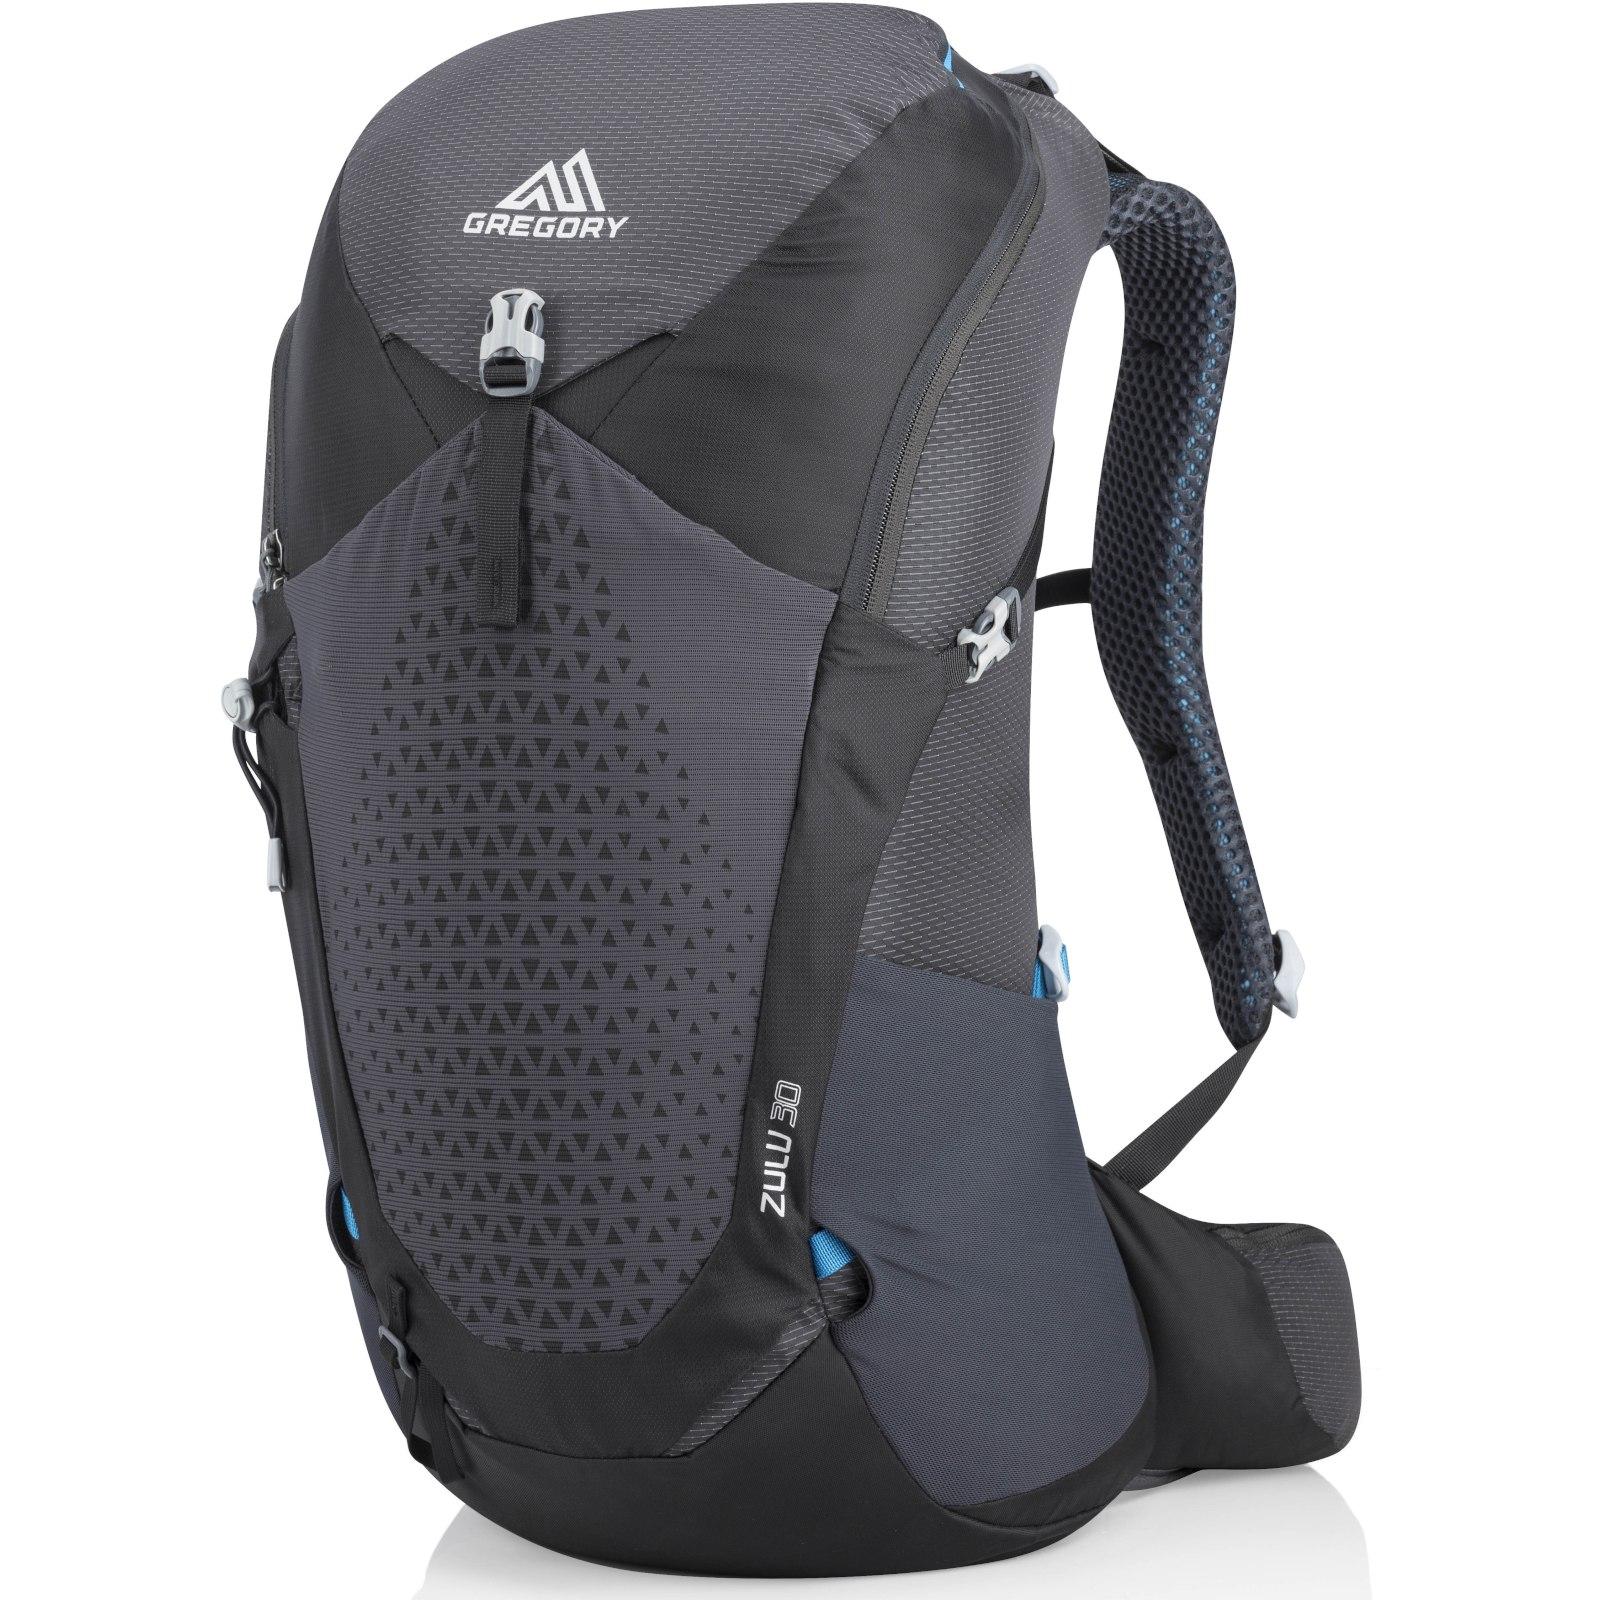 Gregory Zulu 30 Backpack - Ozone Black